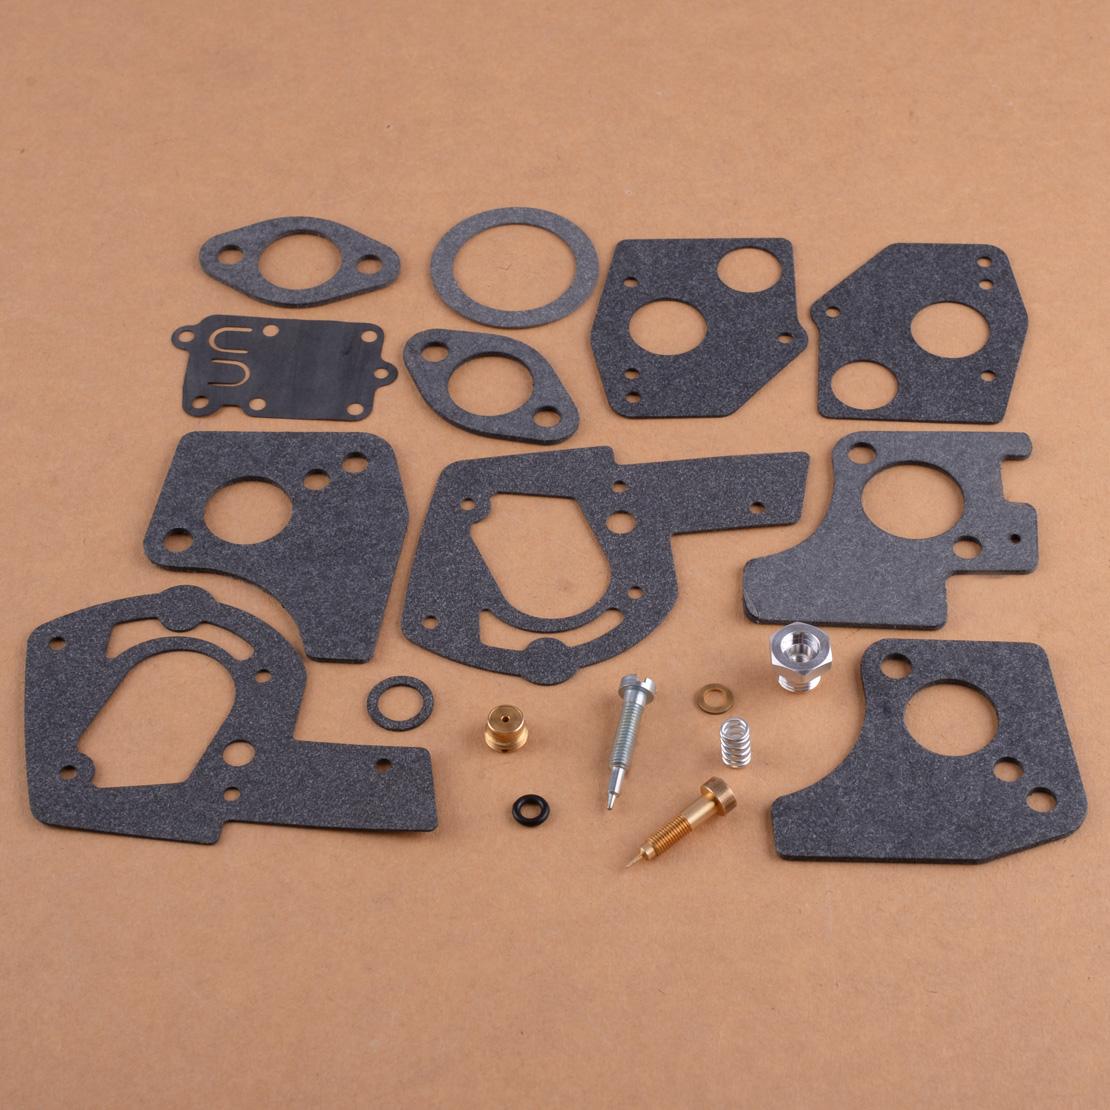 Vergaser Reparatursatz Membransatz für Briggs /& Stratton 495606 3-5HP Engine